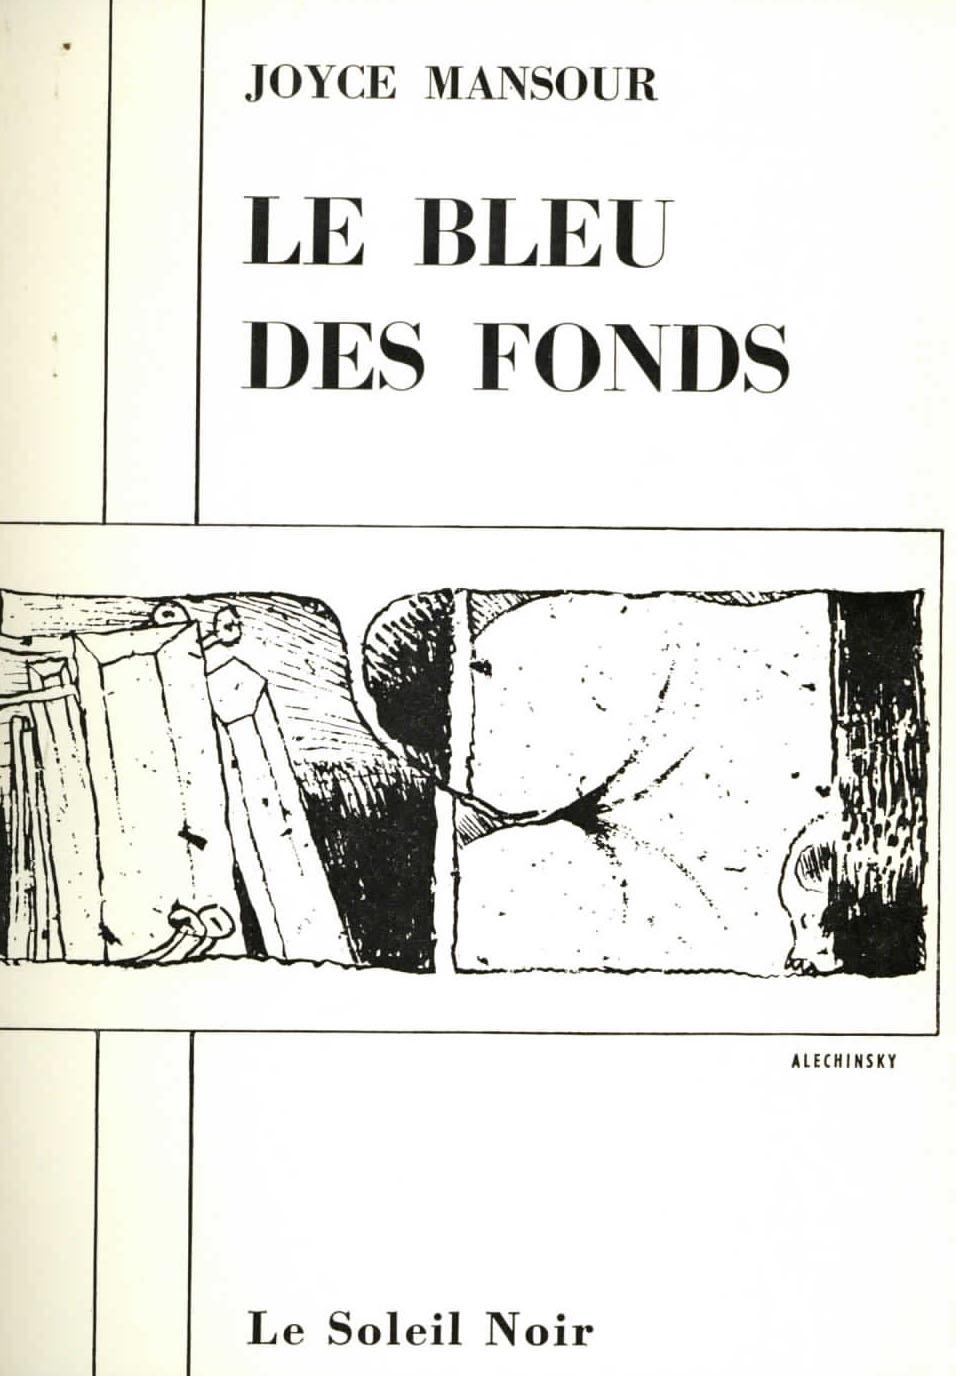 Joyce Mansour, <br /><em>LeBleu desfonds</em>, 1968